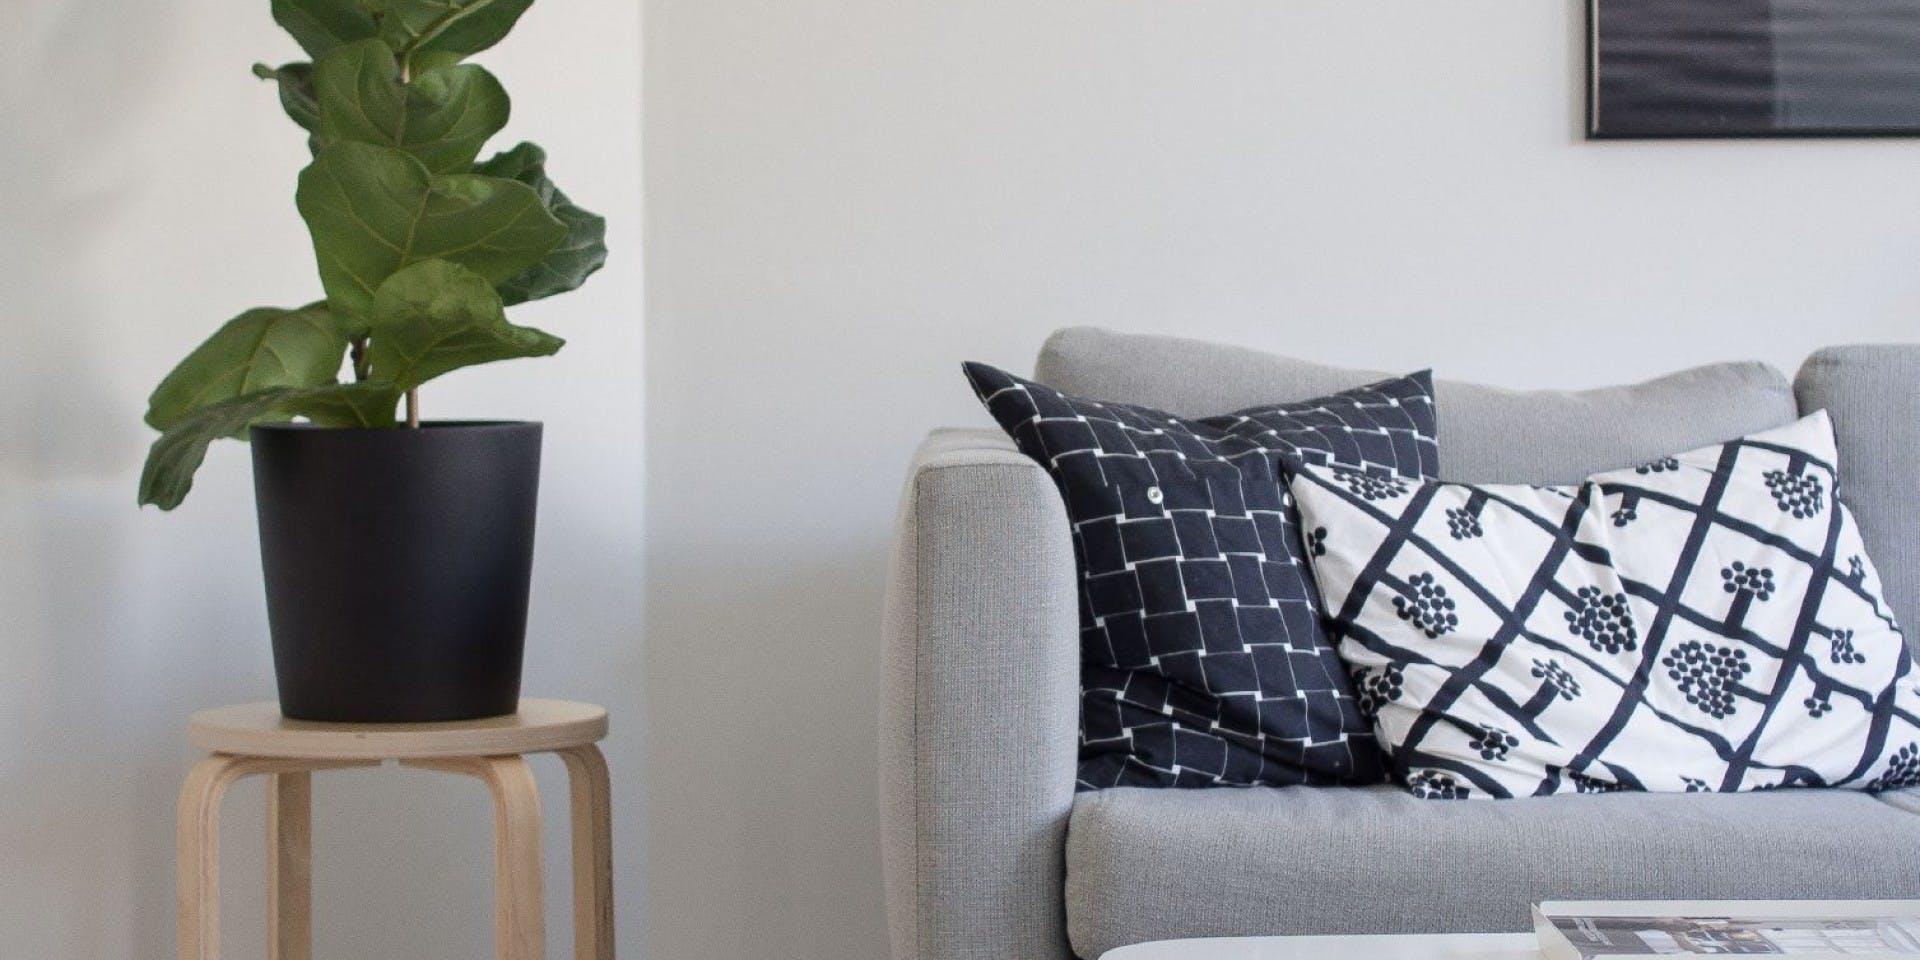 Tikkurila White Paint Living Room Refresh Header Image